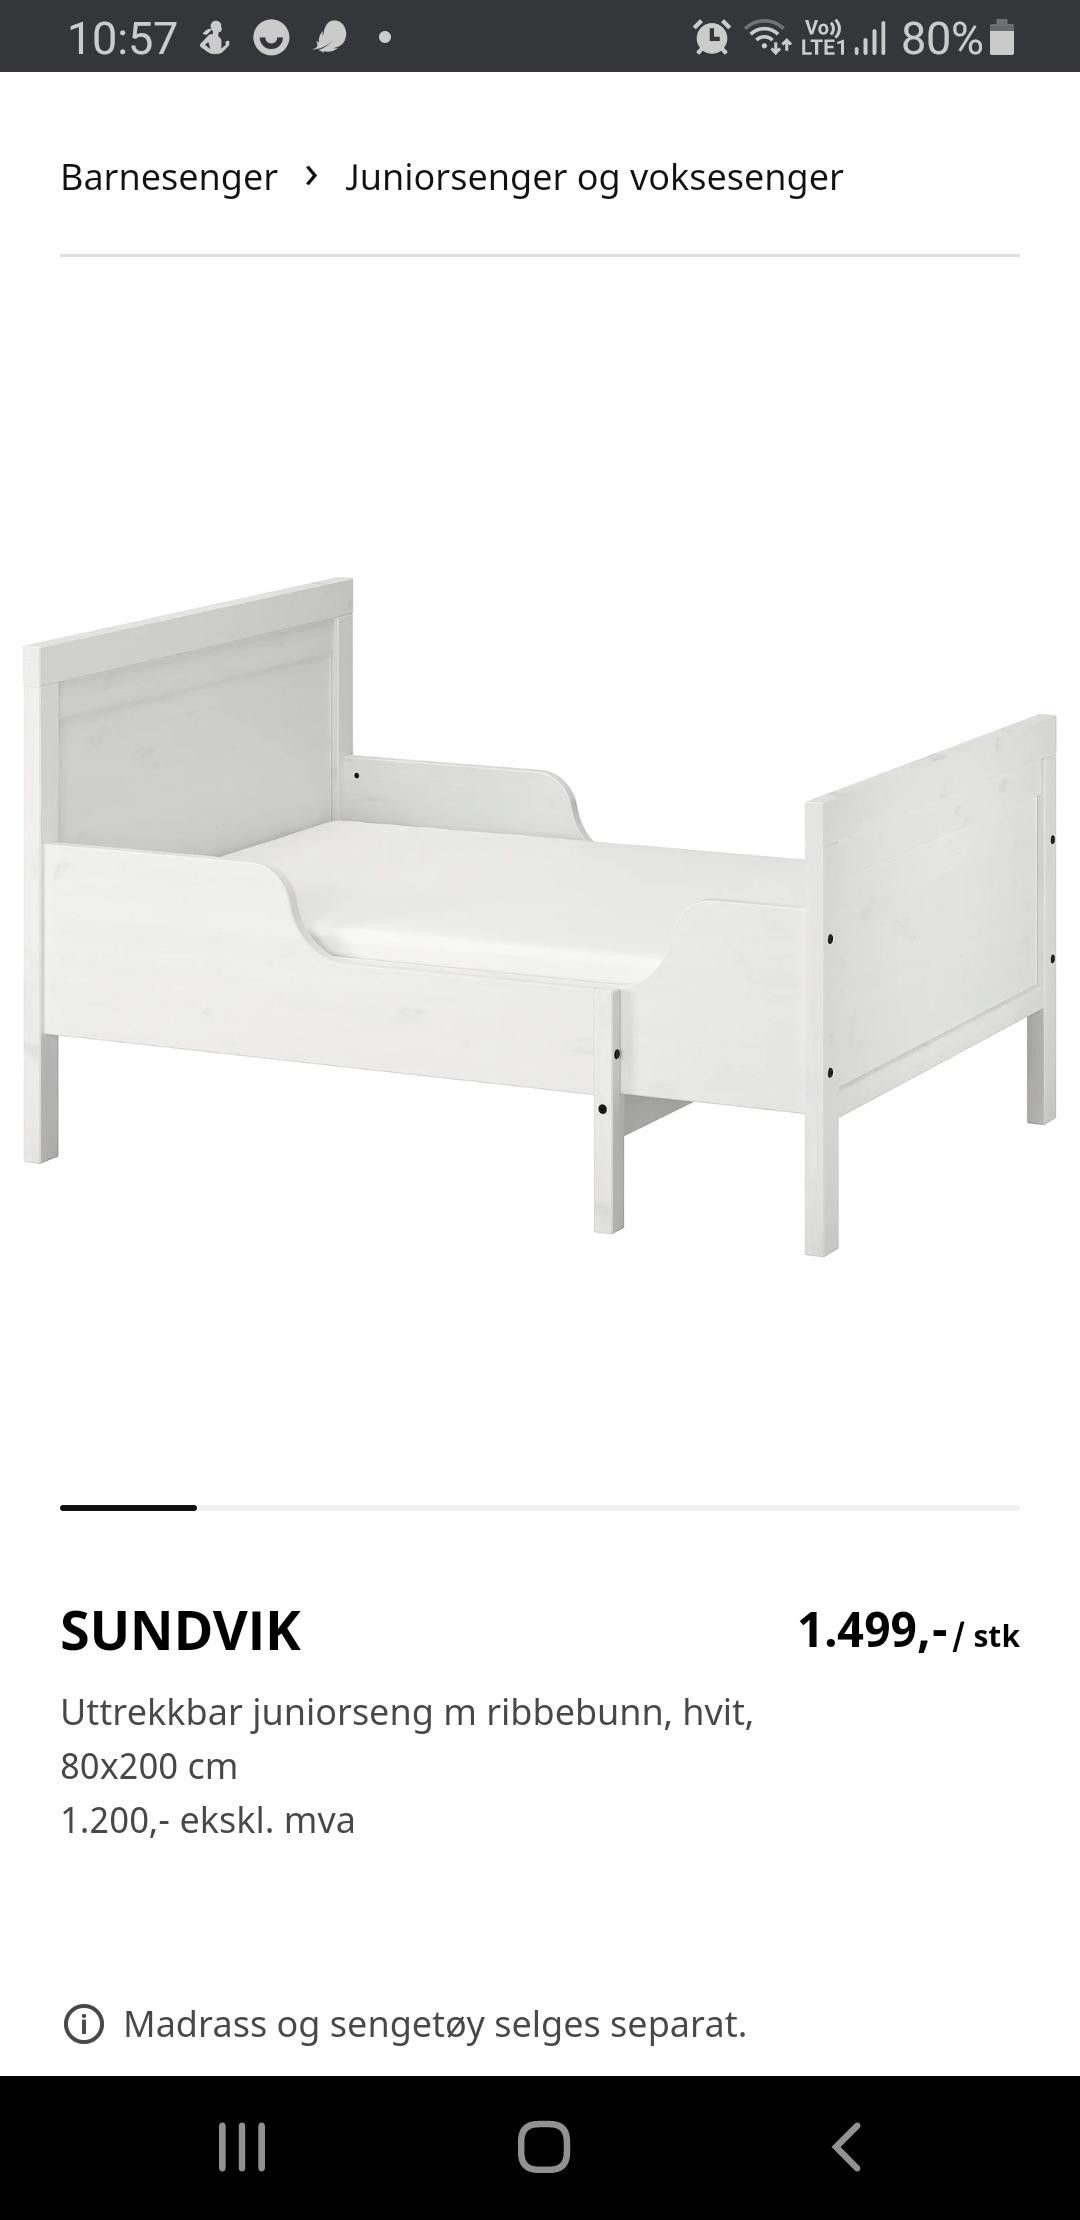 IKEA Sundvik barneseng | FINN.no